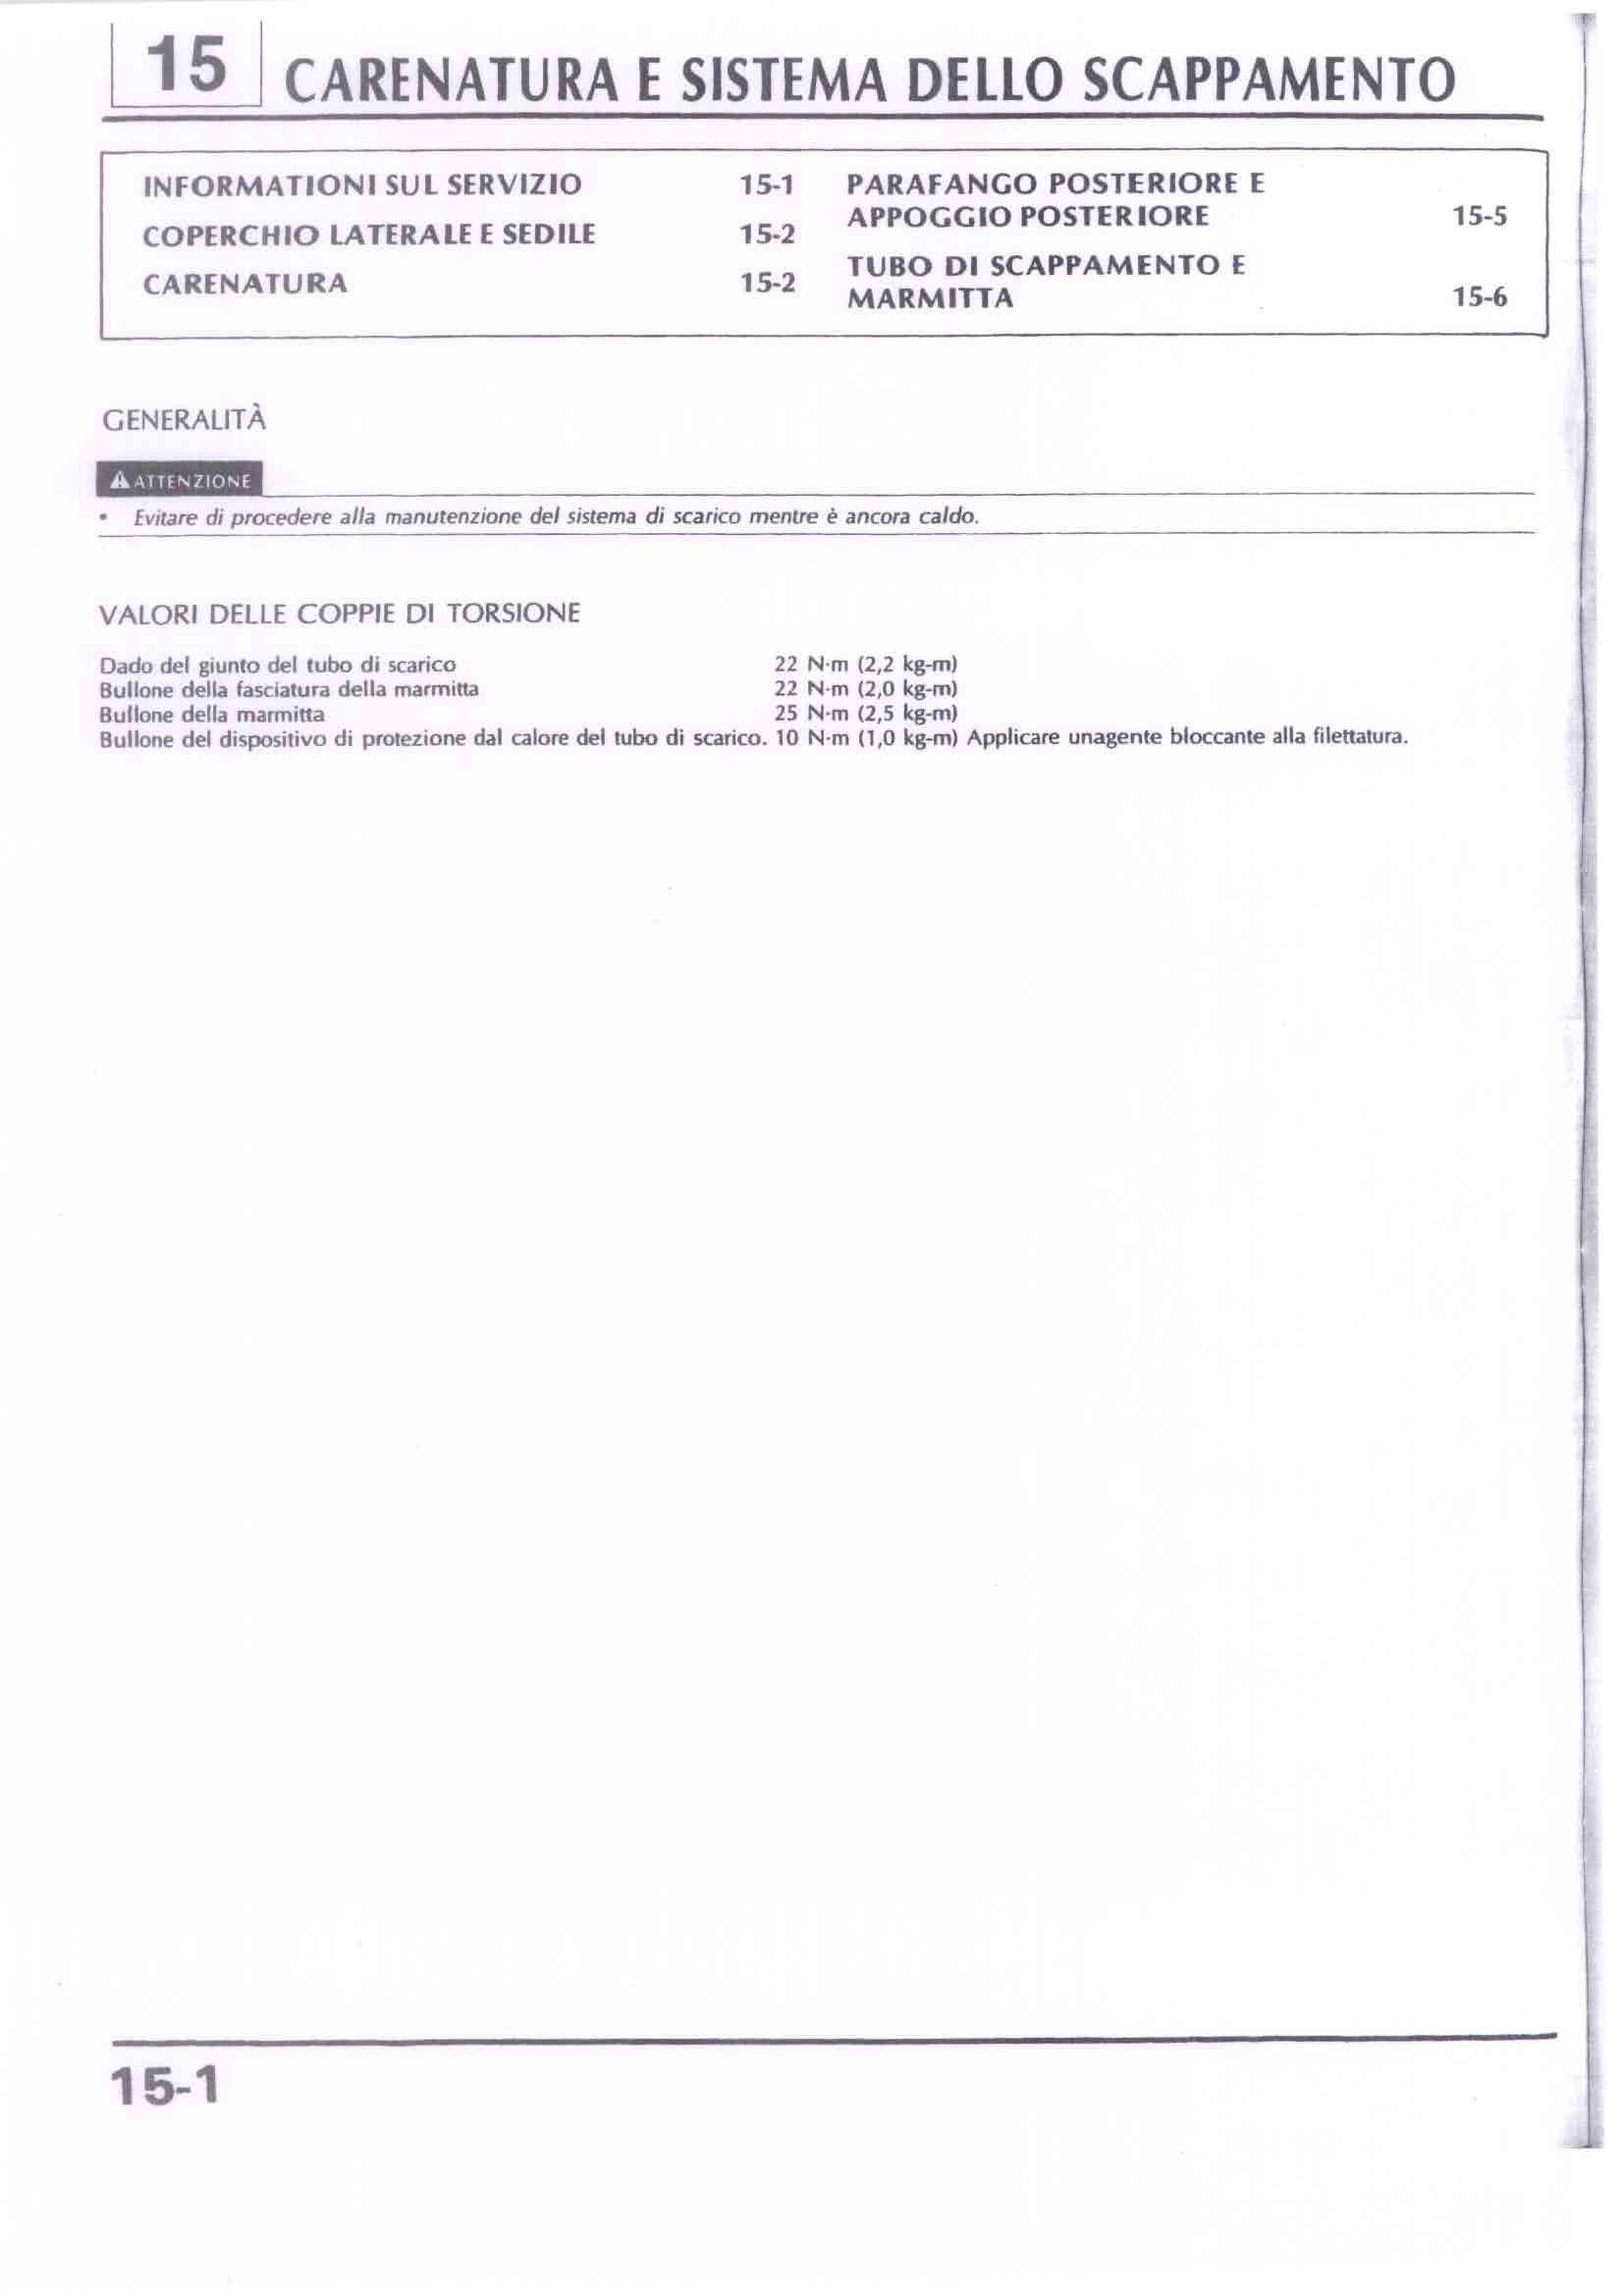 Capitolo15-Carenatura e sistema dello scappamento Pagina 01